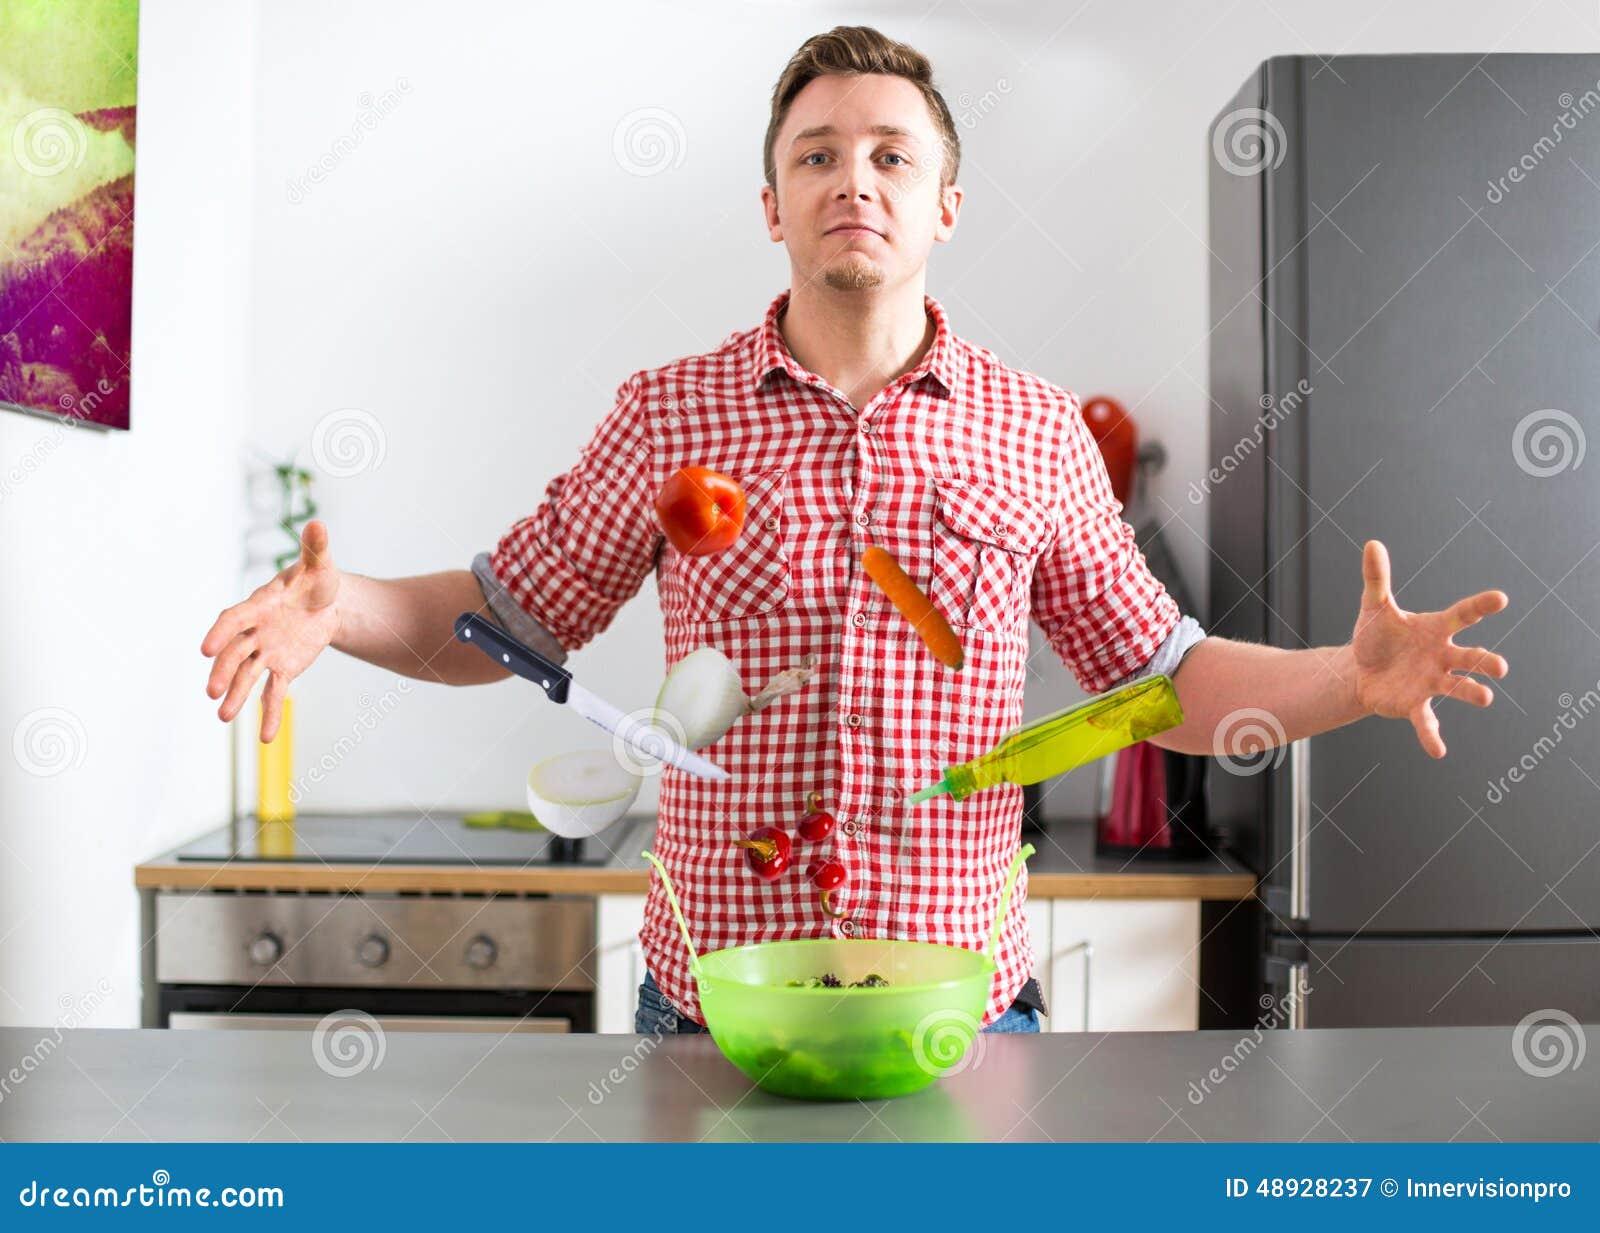 Wszechmocny kulinarny magik